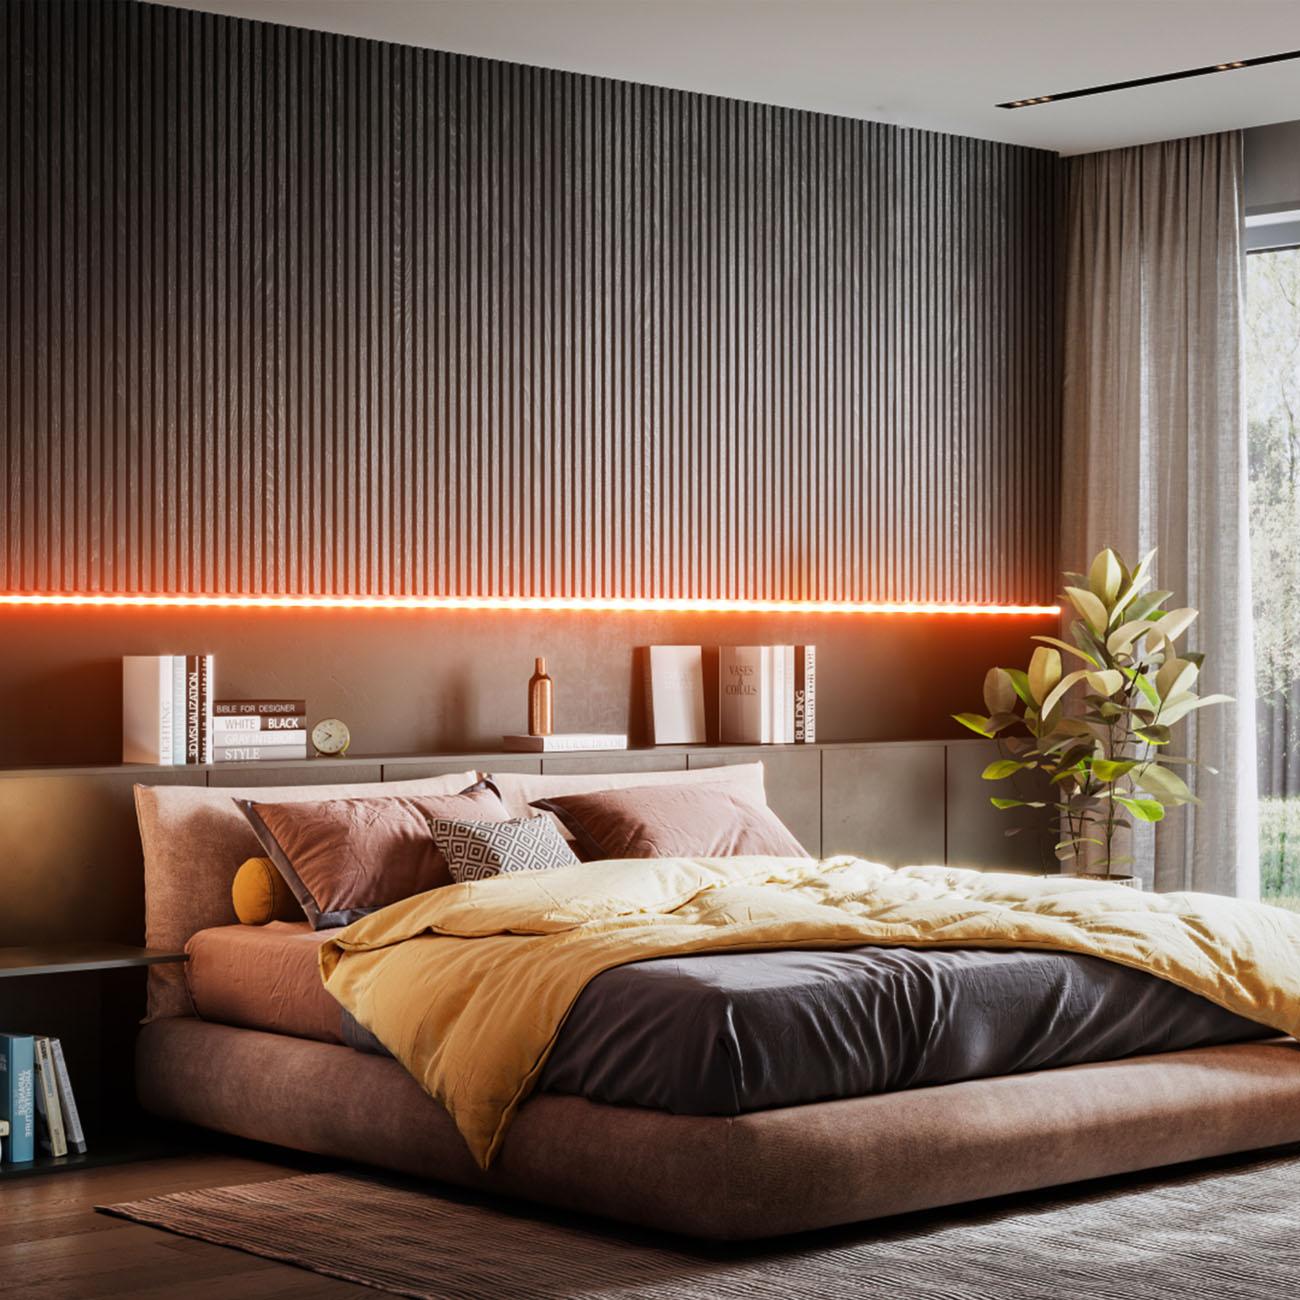 RGB LED Streifen mit Farbwechsel silikonbeschichtet 3m - 4